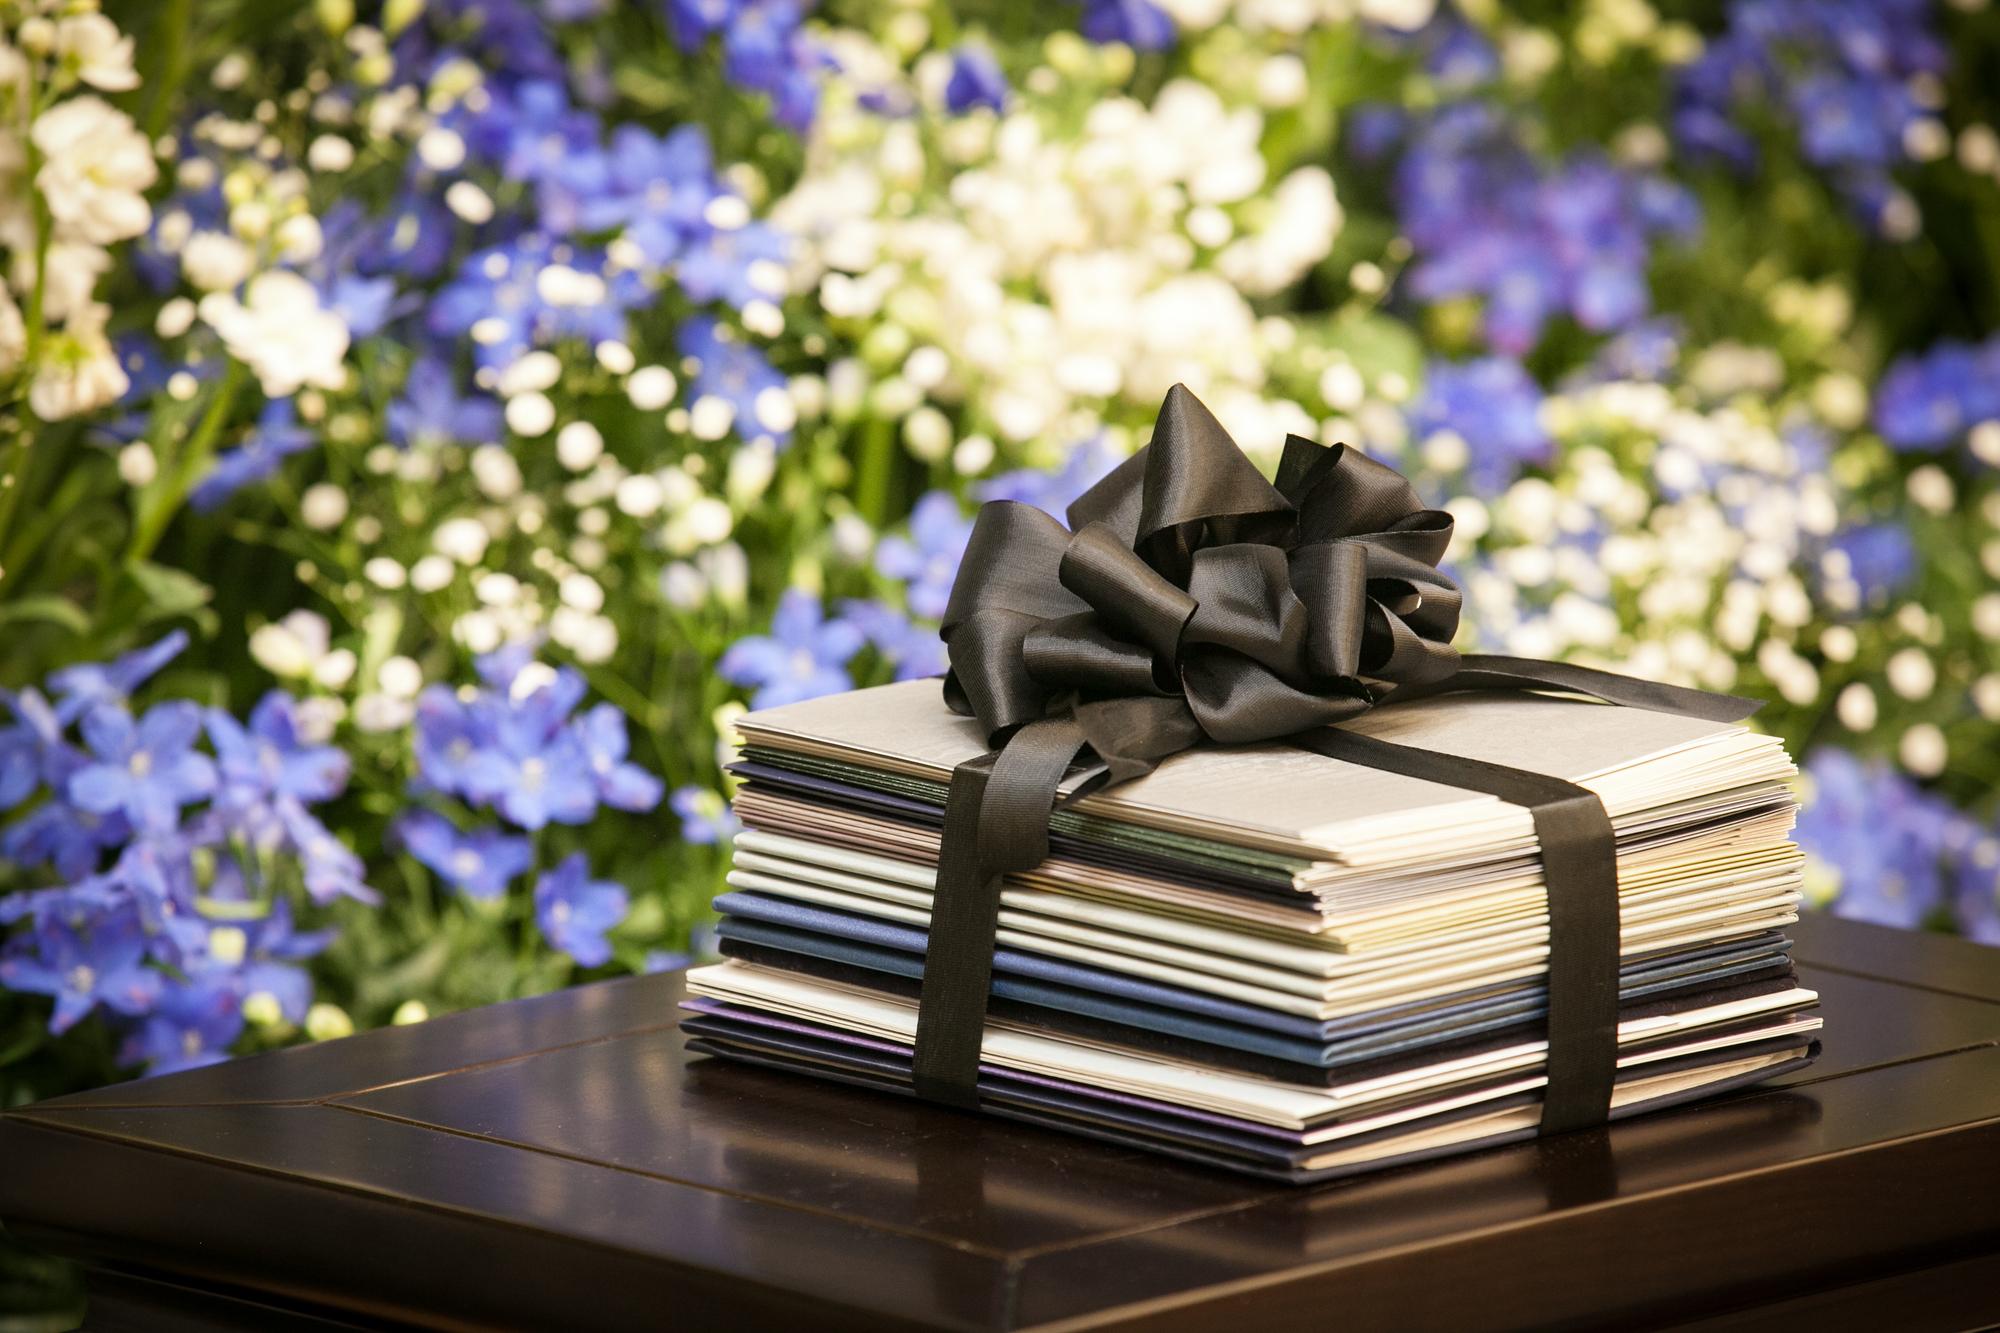 想いが伝わる電報やメッセージの文例紹介。結婚式の祝電やお葬式の弔電のNGワードも紹介